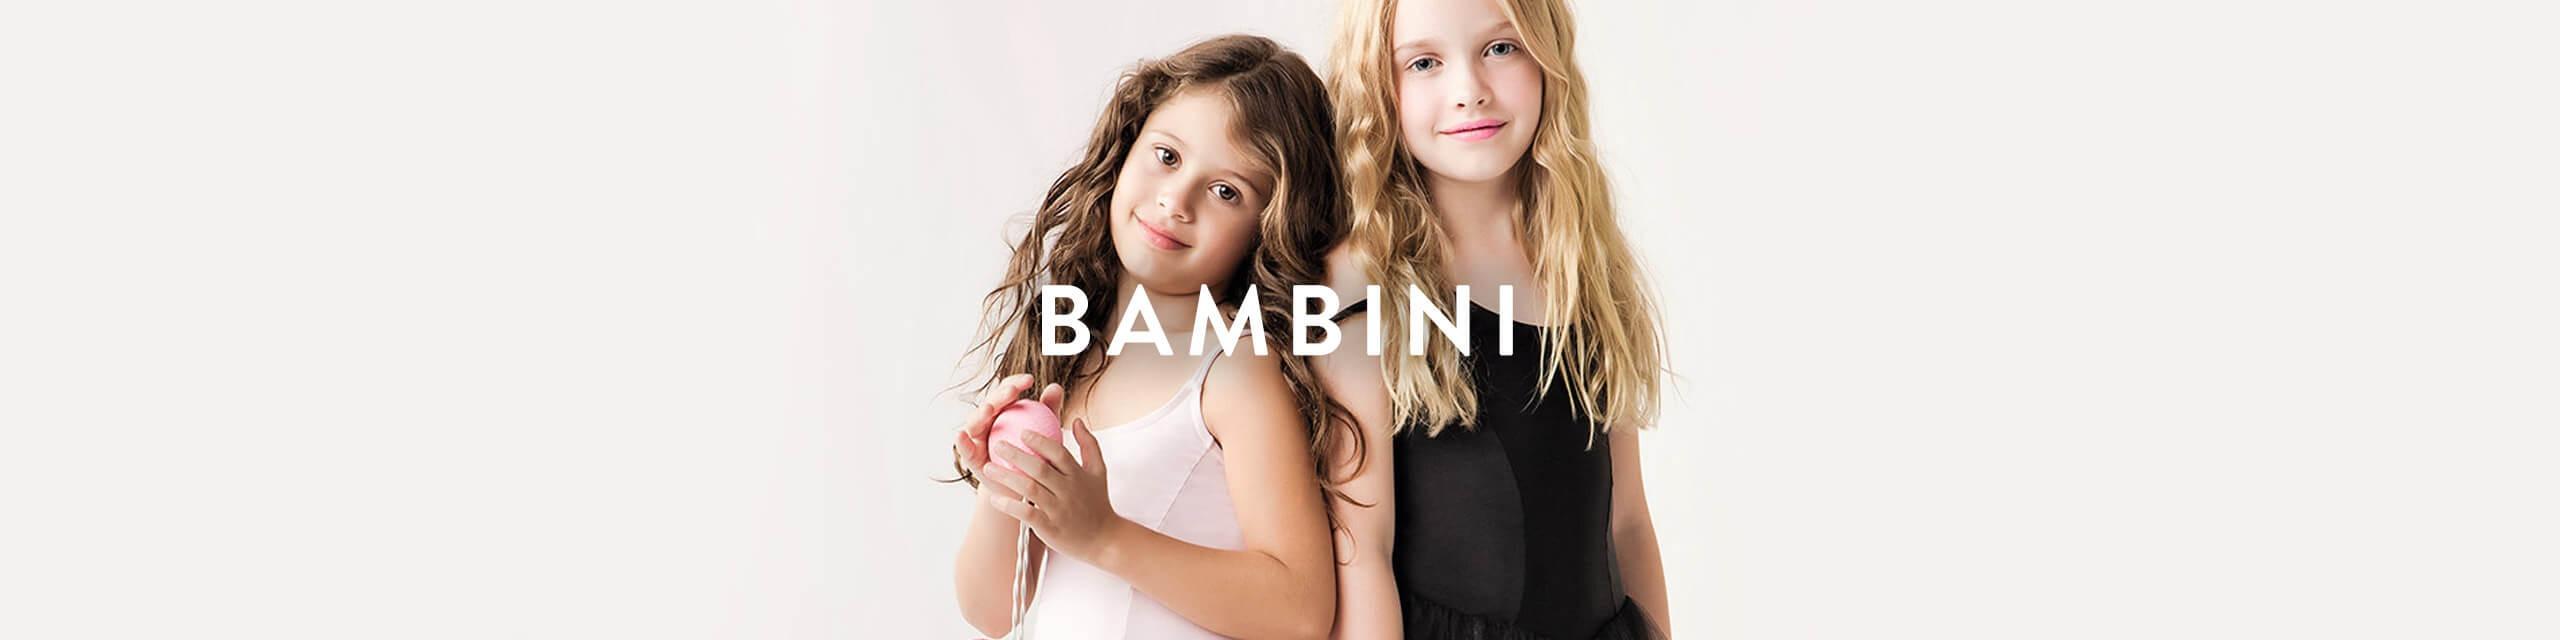 Banner Bambini